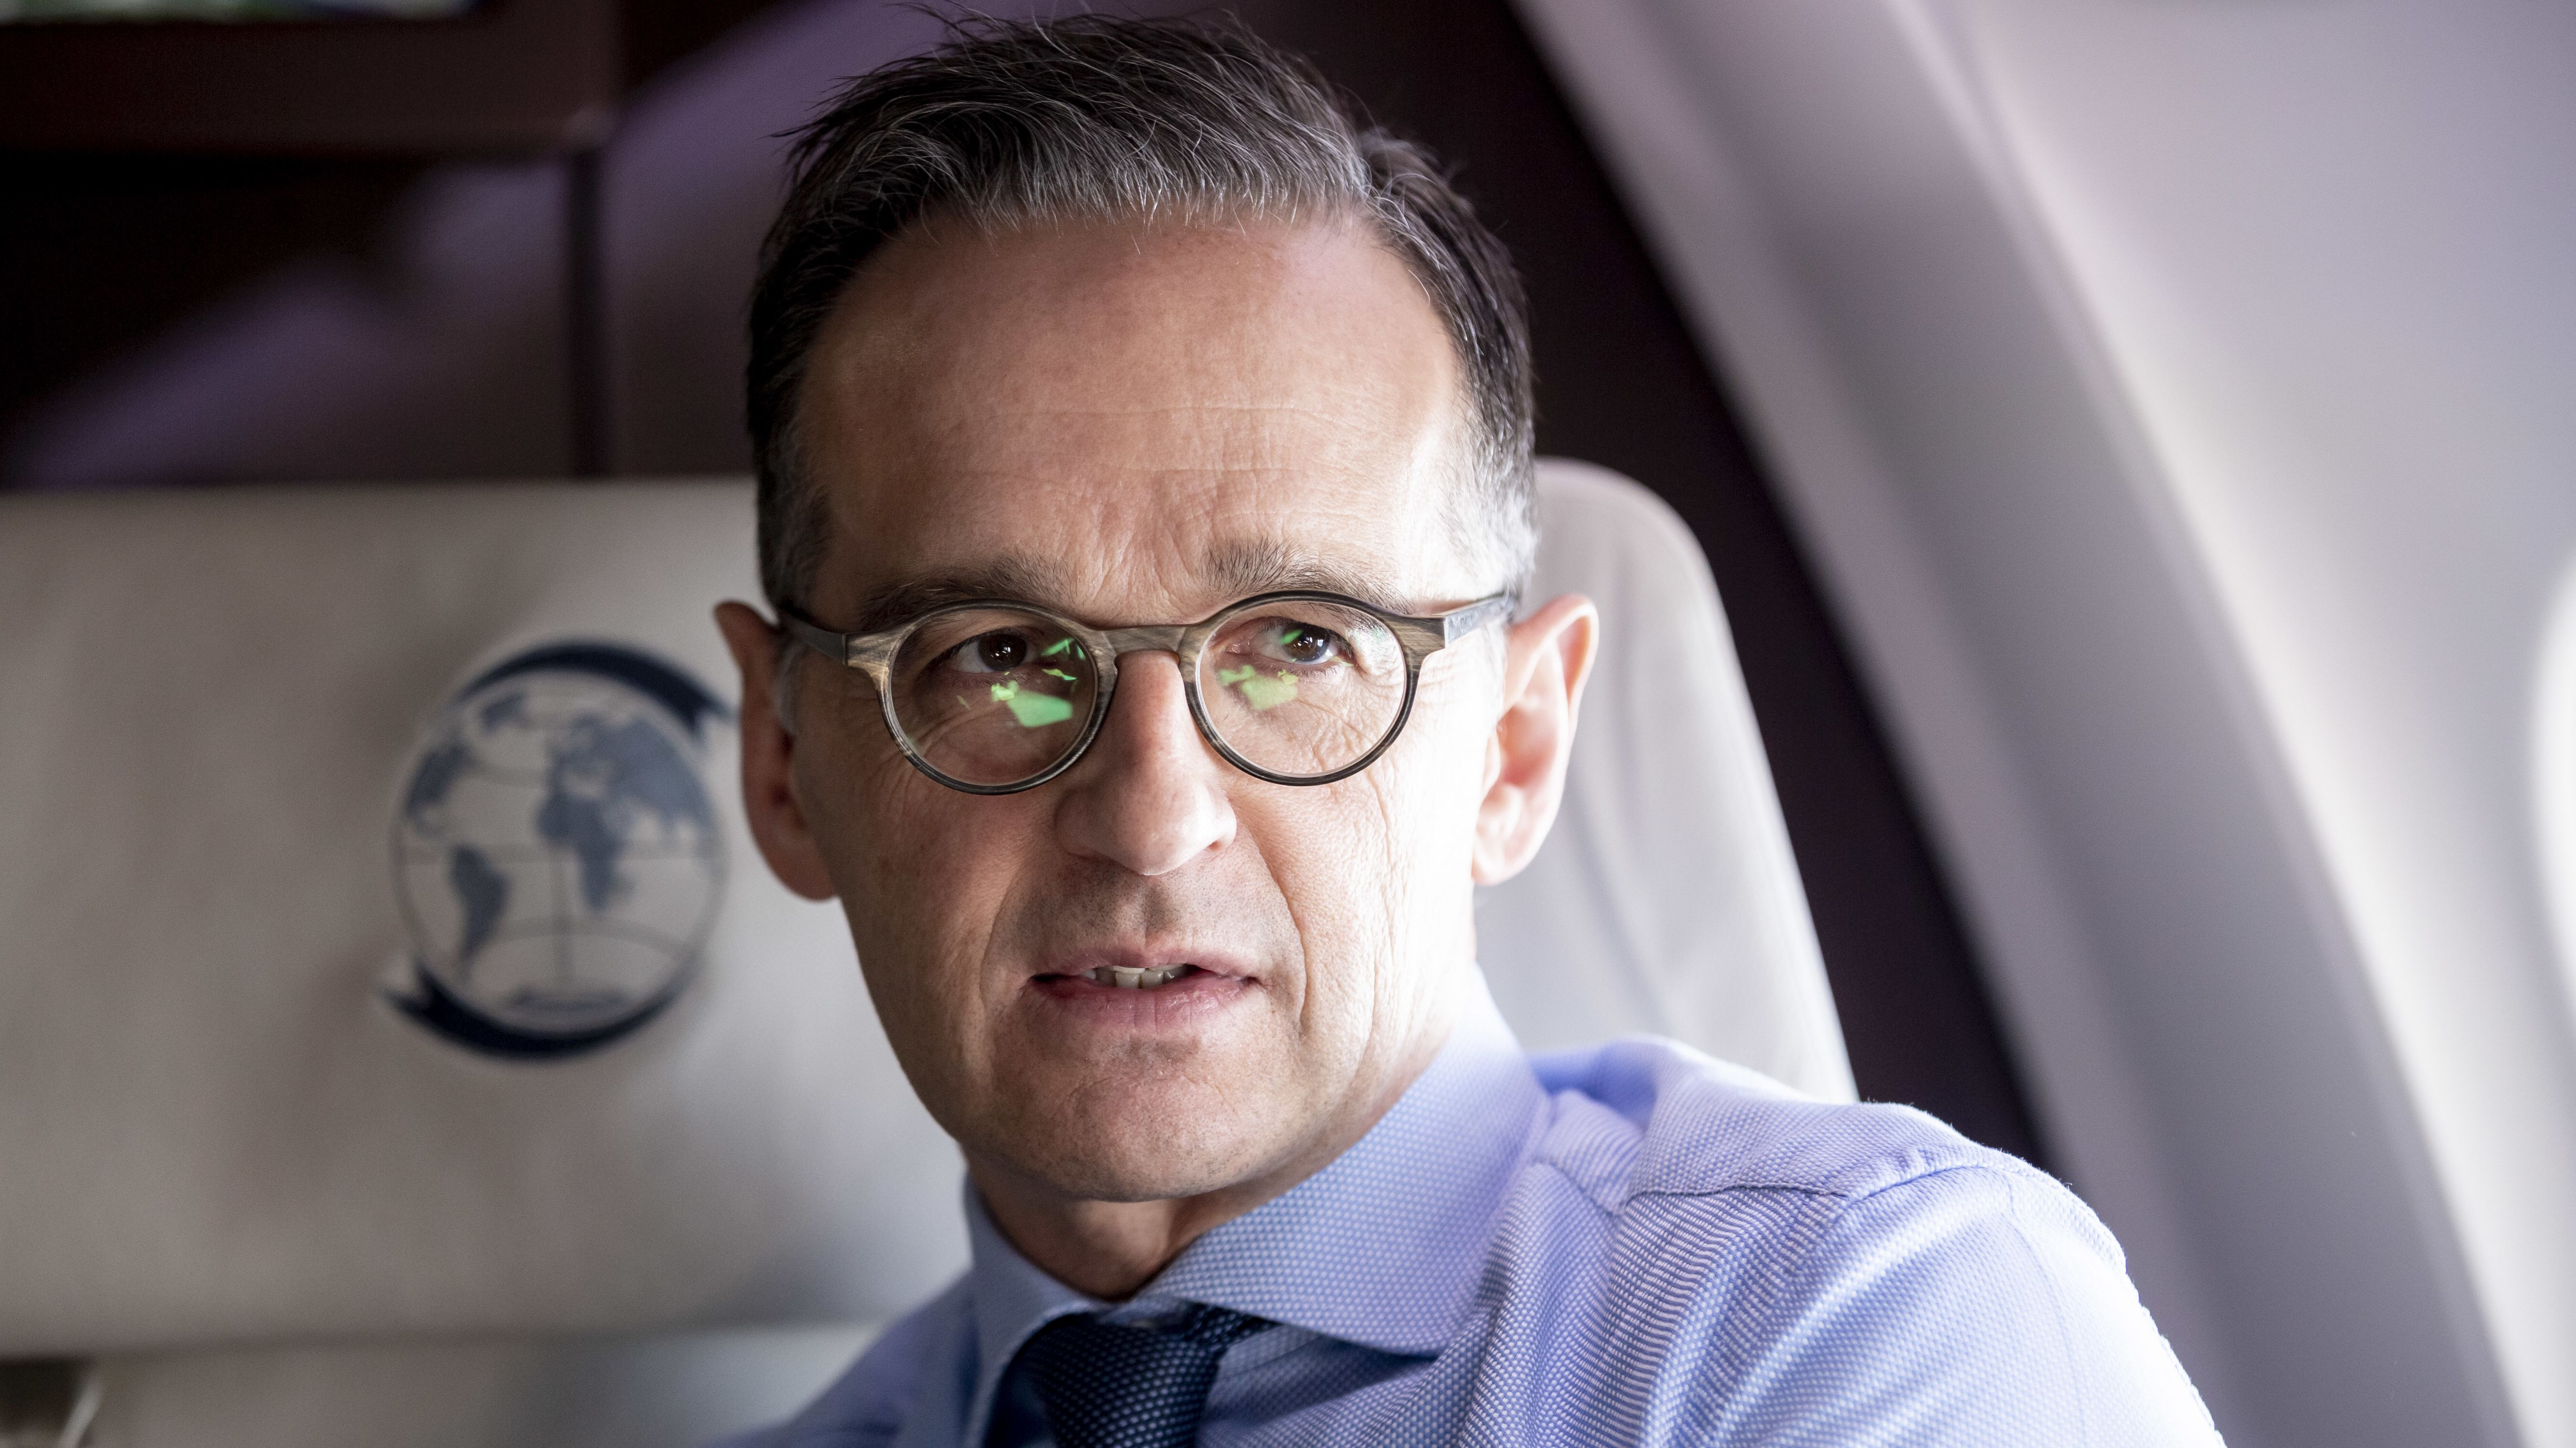 Bundesaußenminister Heiko Maas im Flugzeug, Blick schräg aus dem Fenster.